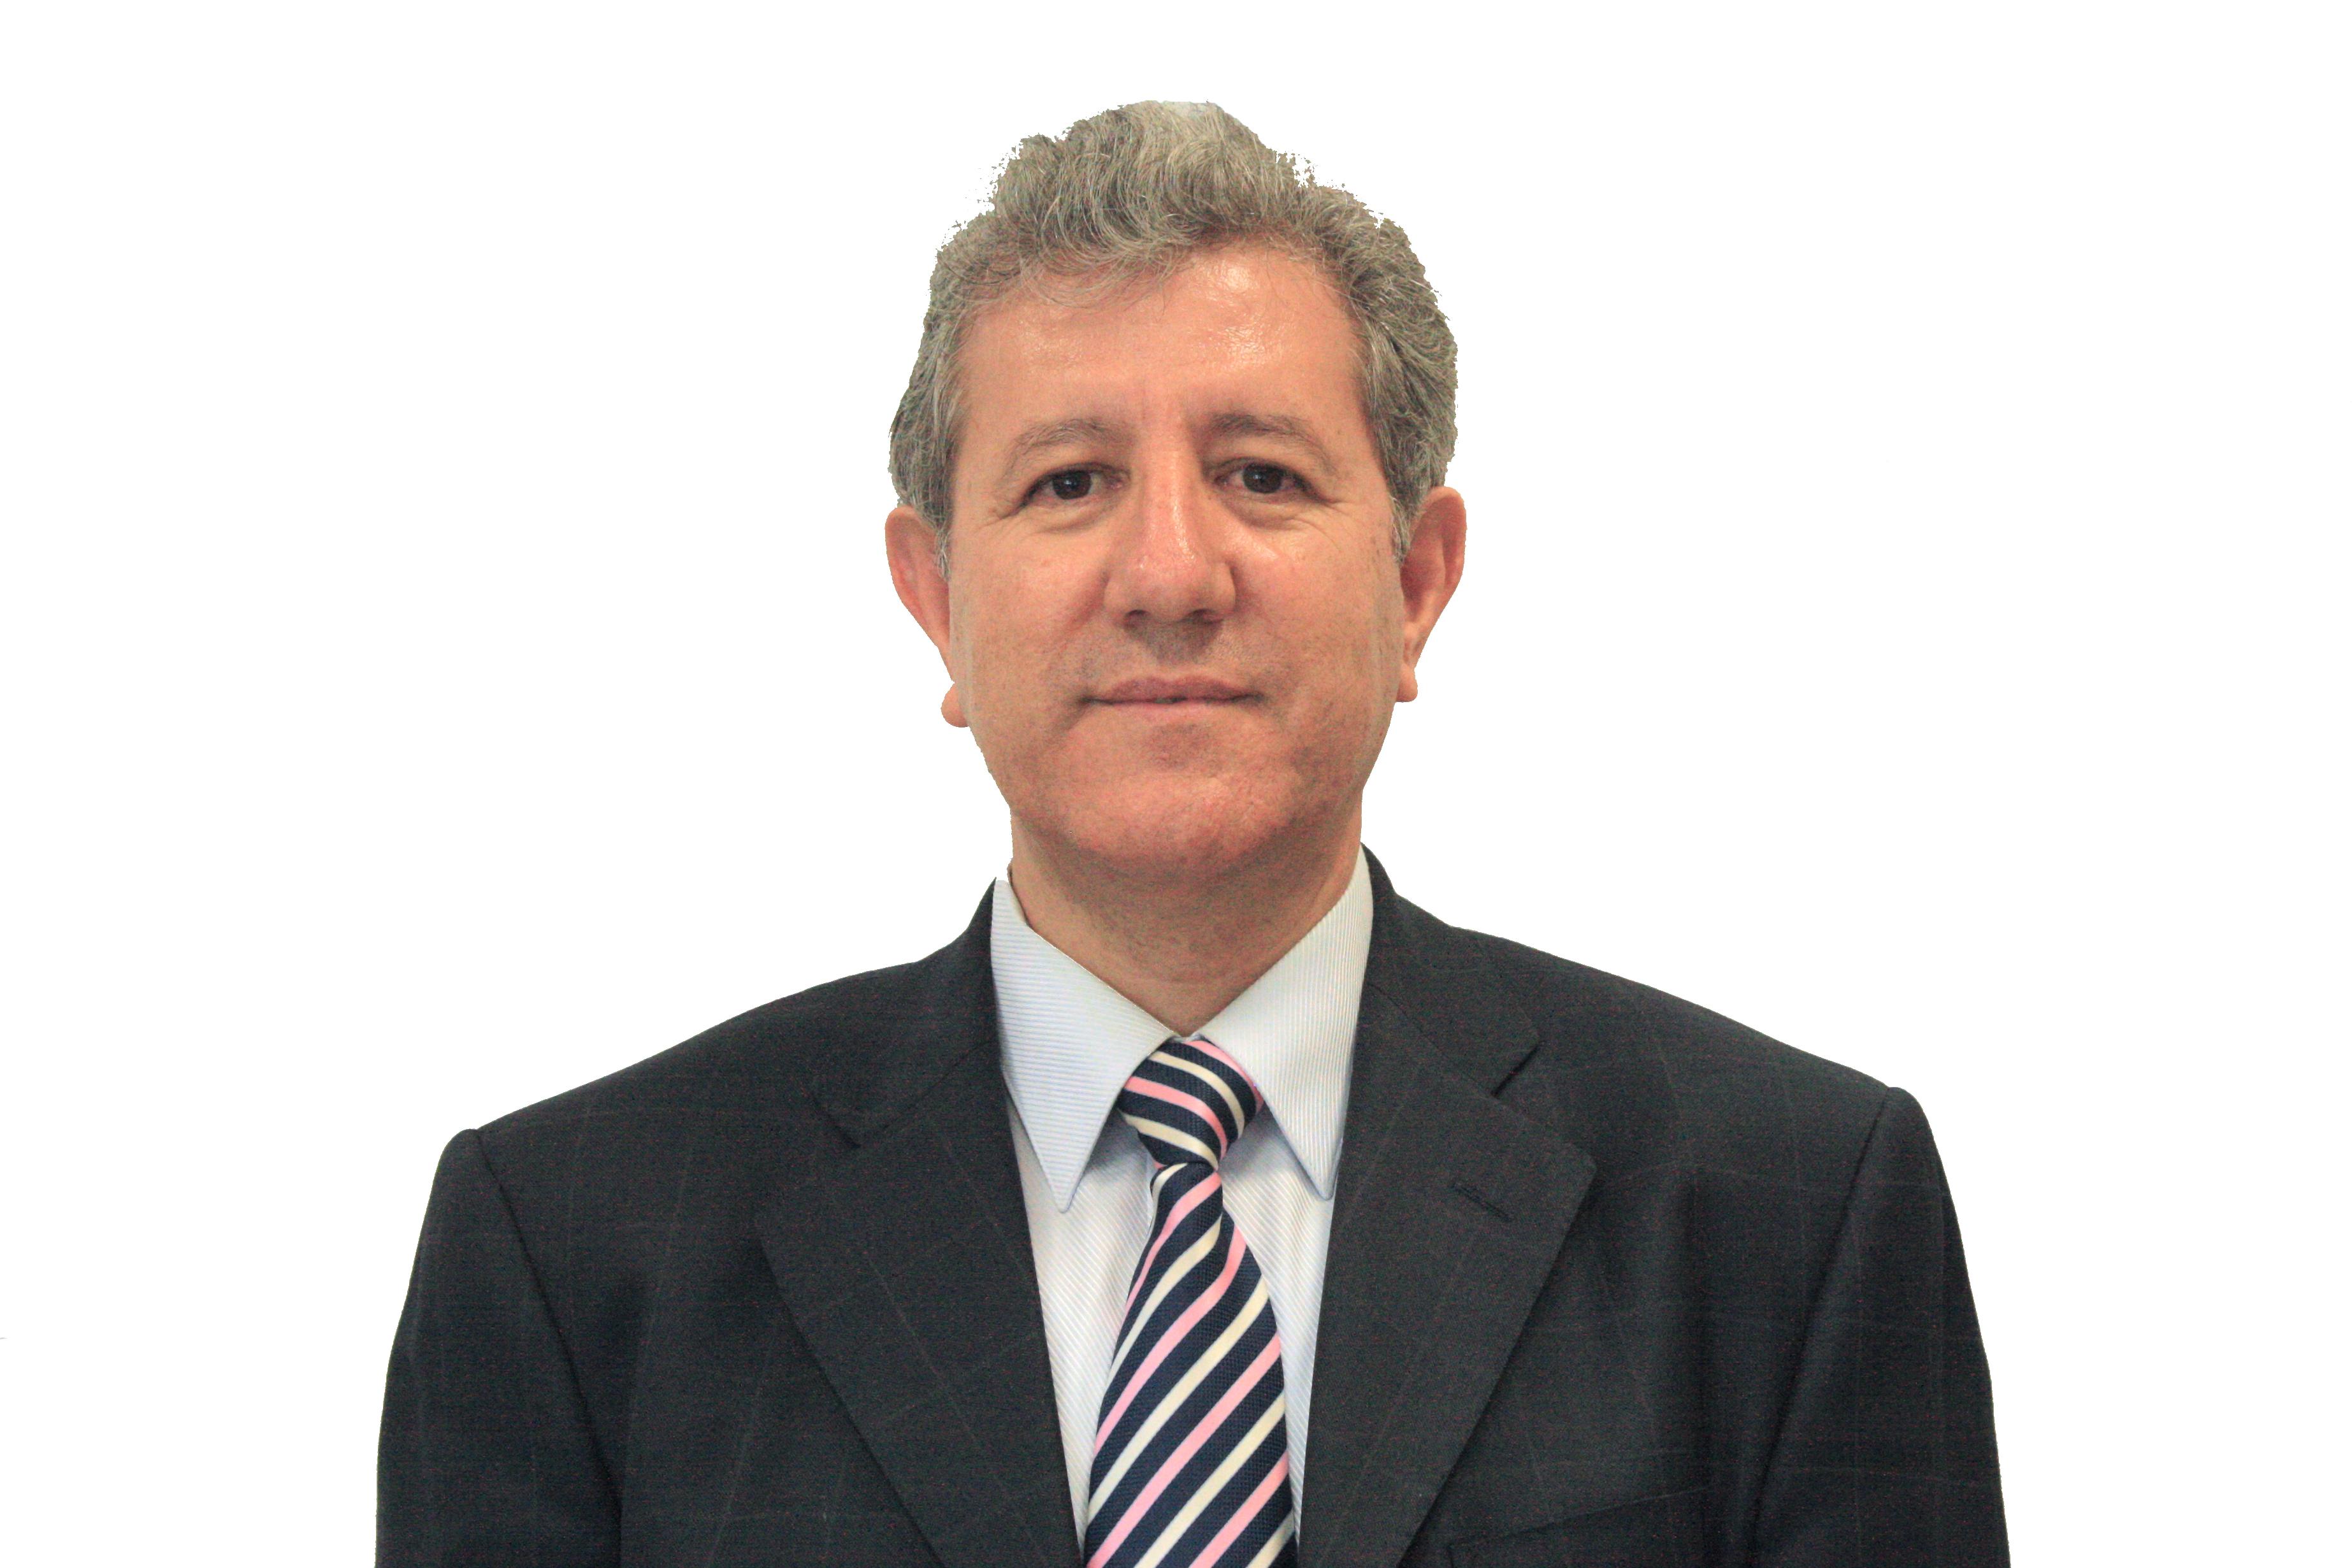 Dr. Arturo Chávez Chávez, profesor investigador, actual director de la División de Ciencias Básicas, y miembro del SNI.